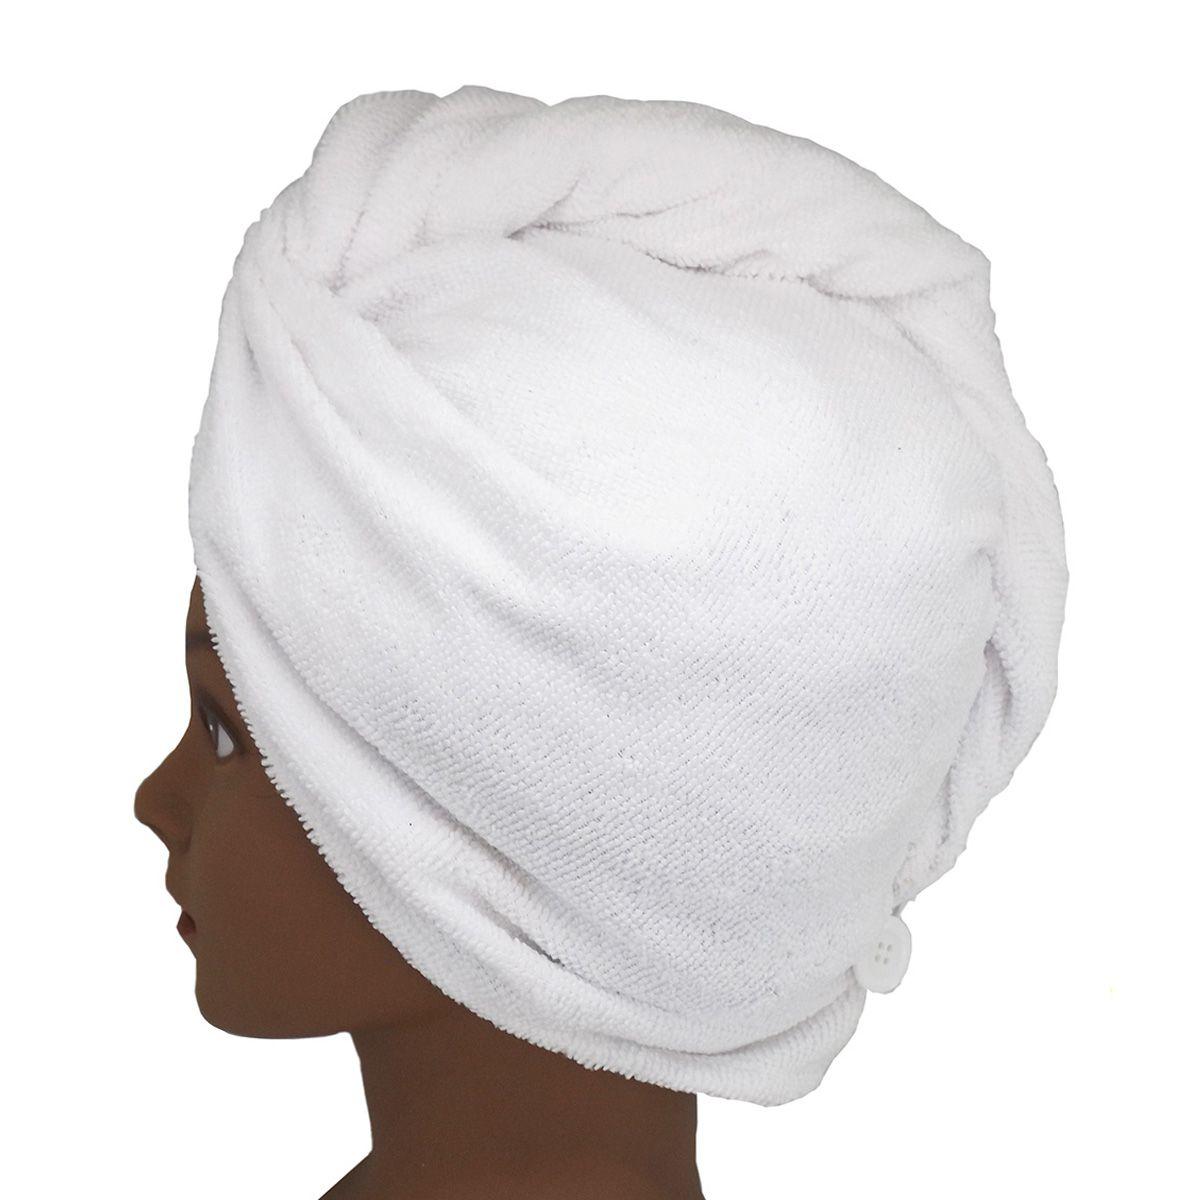 Toalha Turbante de Microfibra Branca